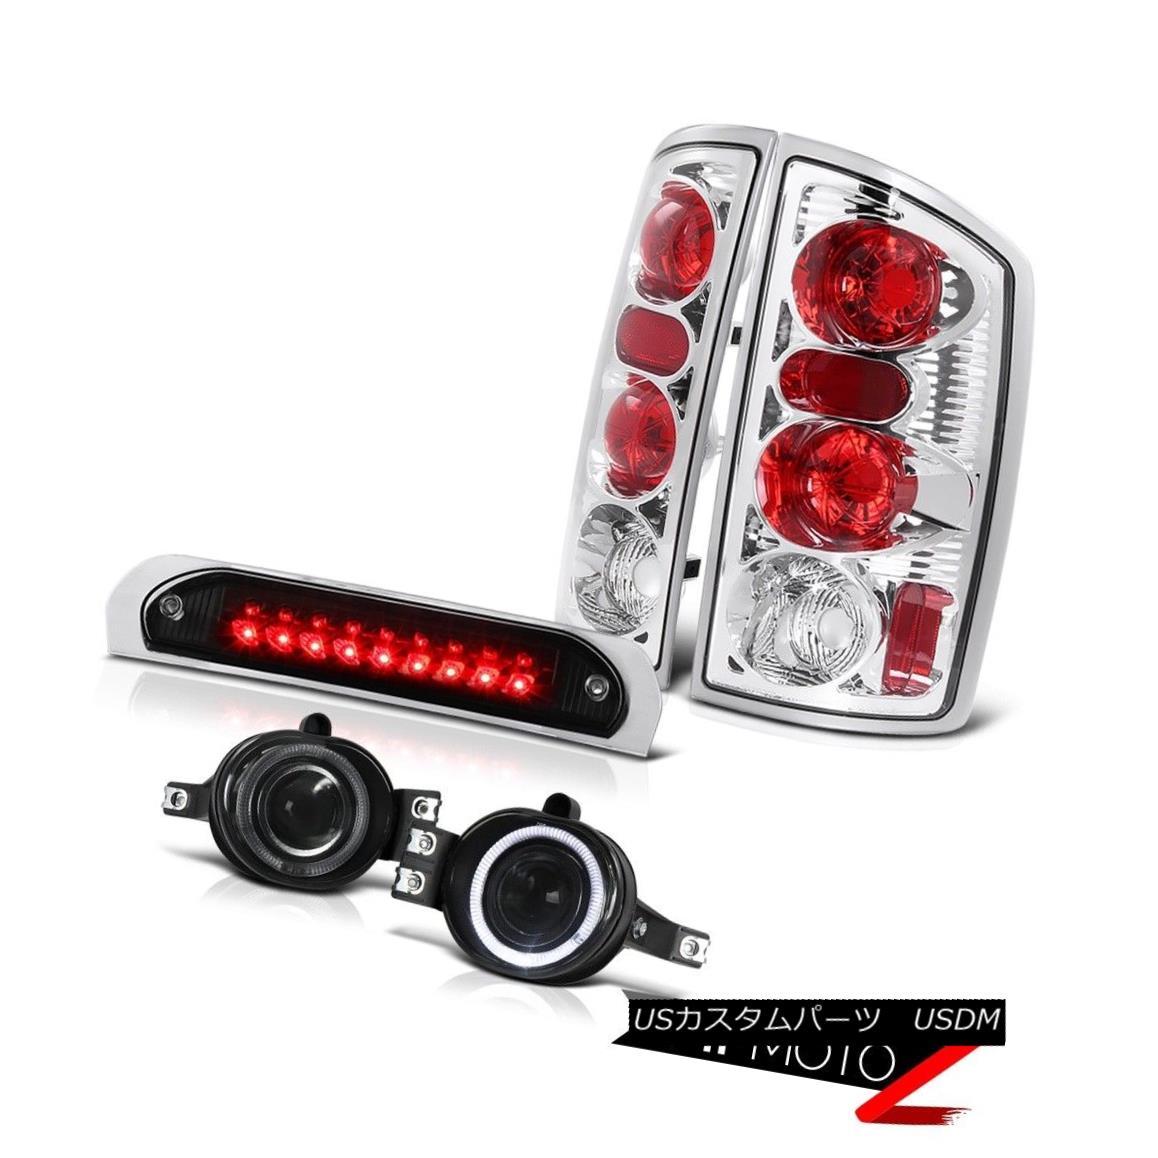 テールライト Euro Tail Lights Projector Driving Fog Black 3RD LED 02 03 04 05 Ram PowerTech ユーロテールライトプロジェクタードライビングフォグブラック3RD LED 02 03 04 05 Ram PowerTech